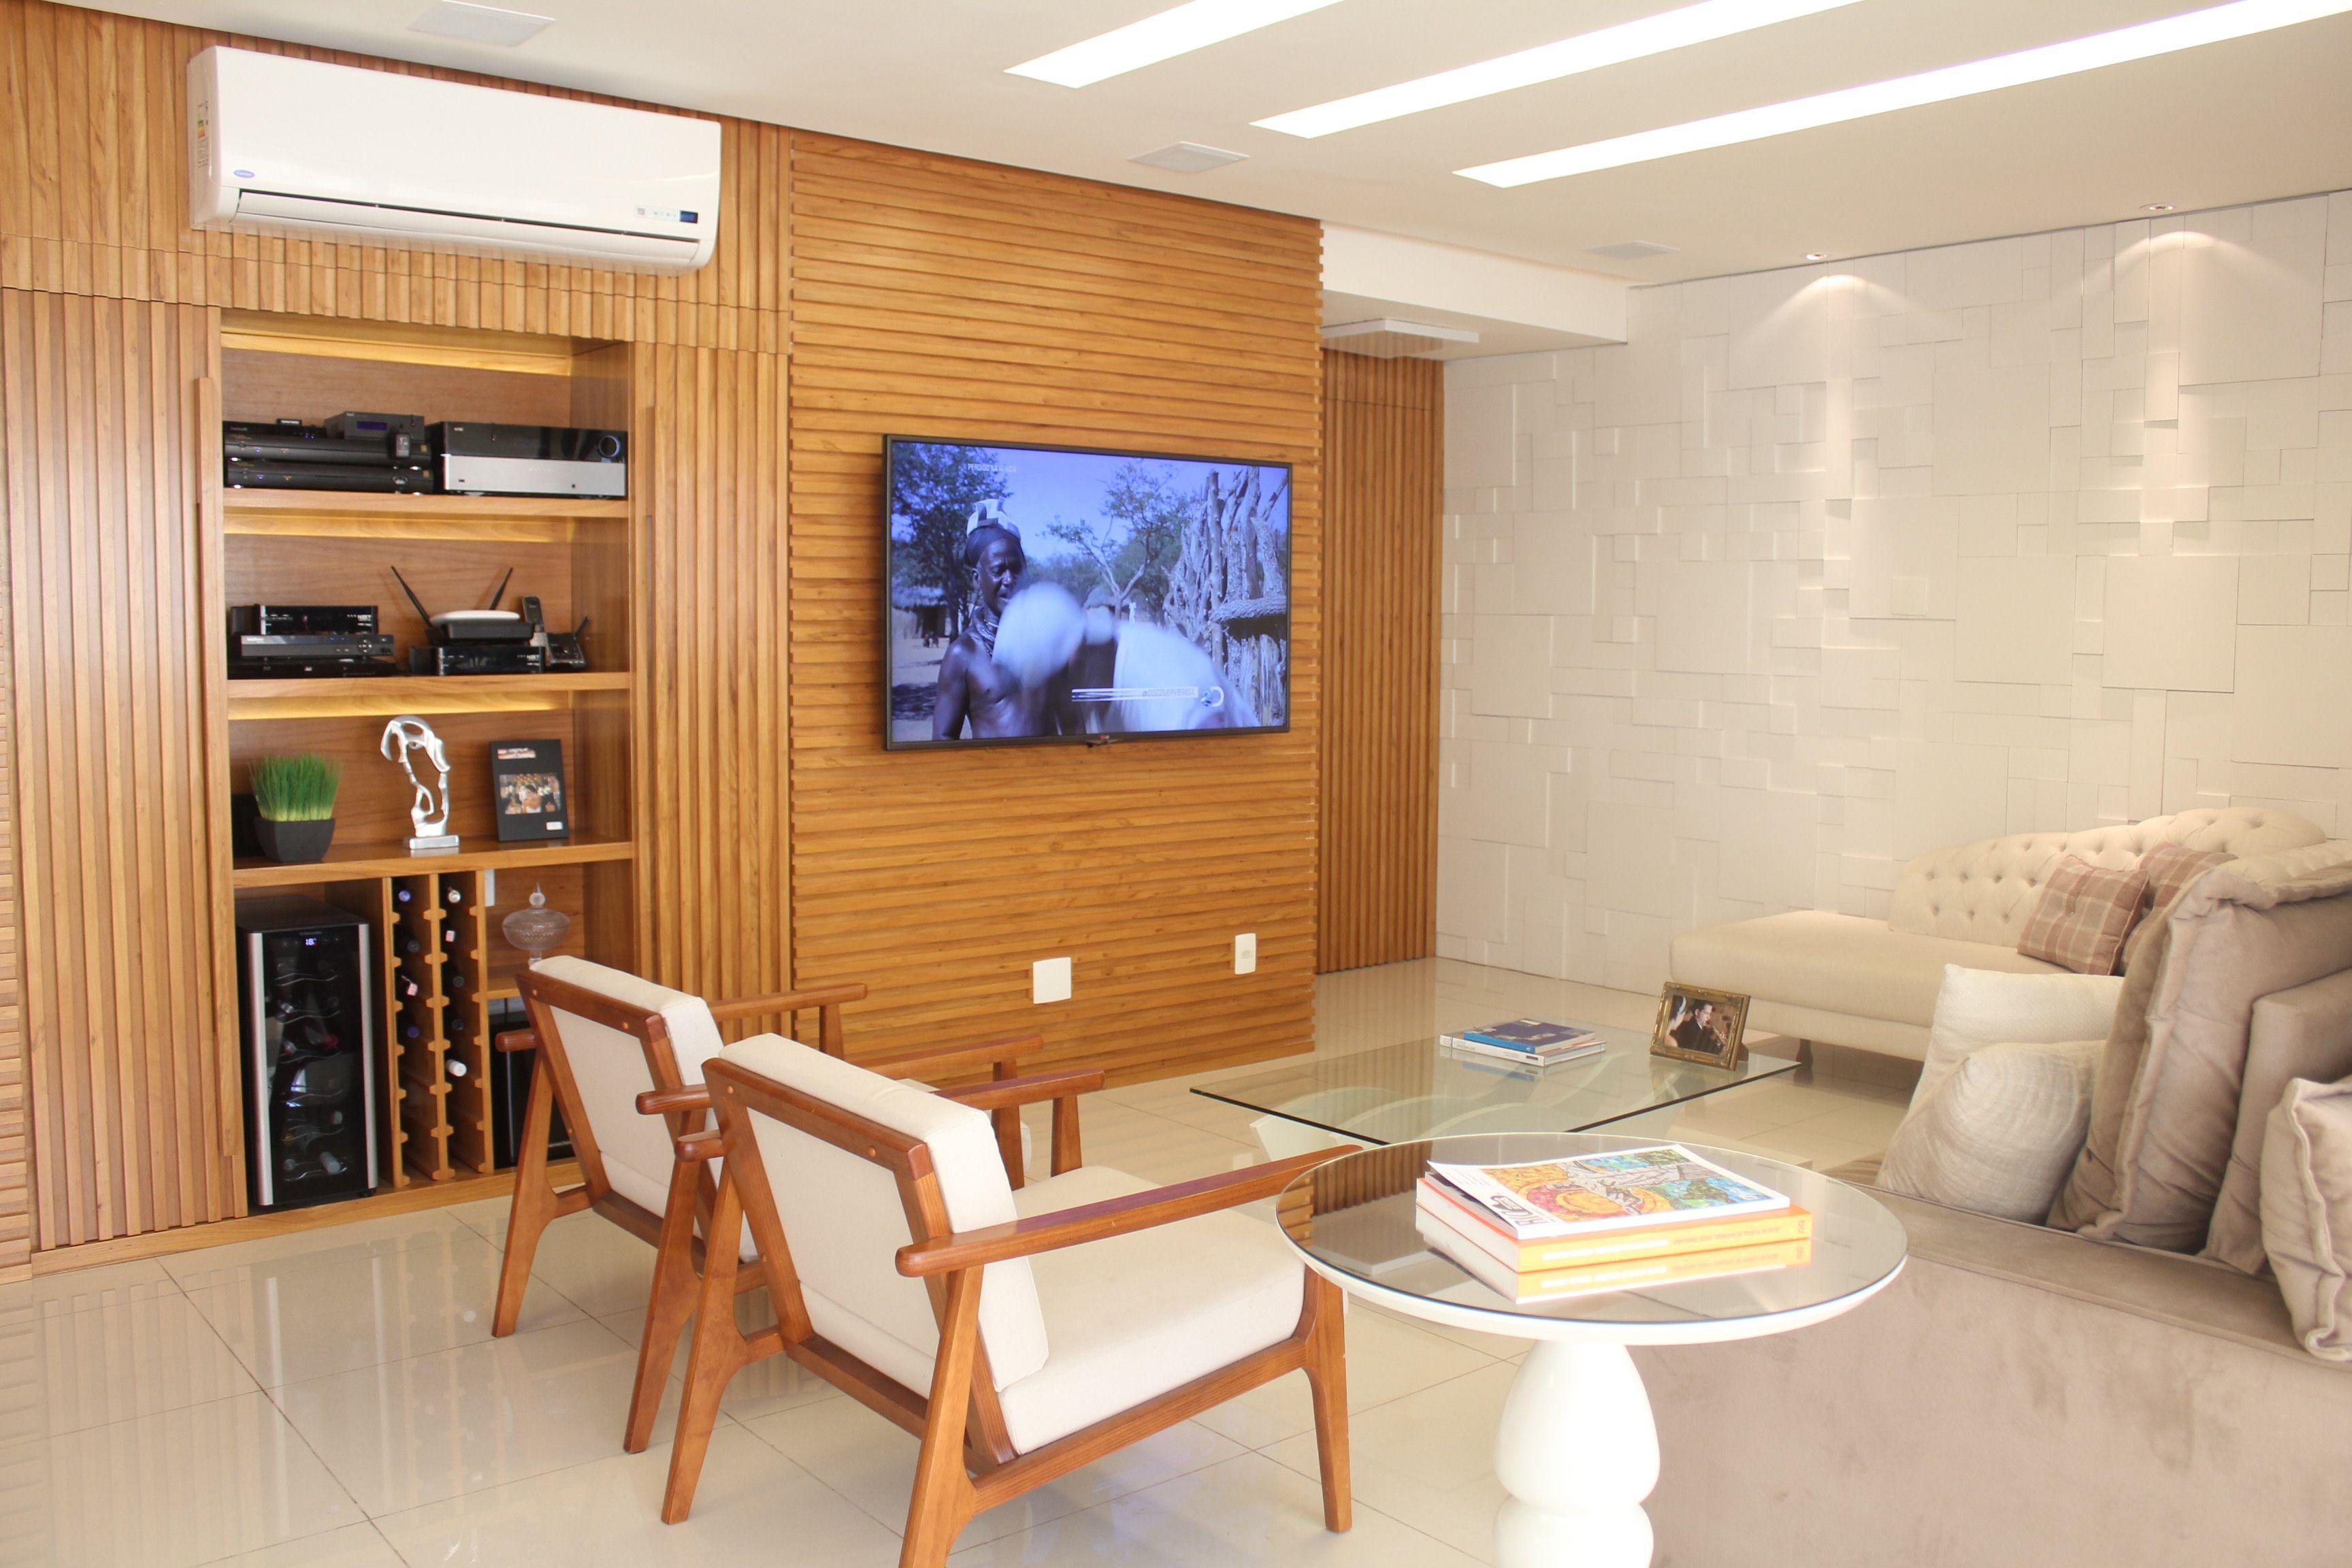 Sala De Estar Com Painel Em Marcenaria Para Tv Equipamentos E Adega  -> Adega Na Sala De Estar